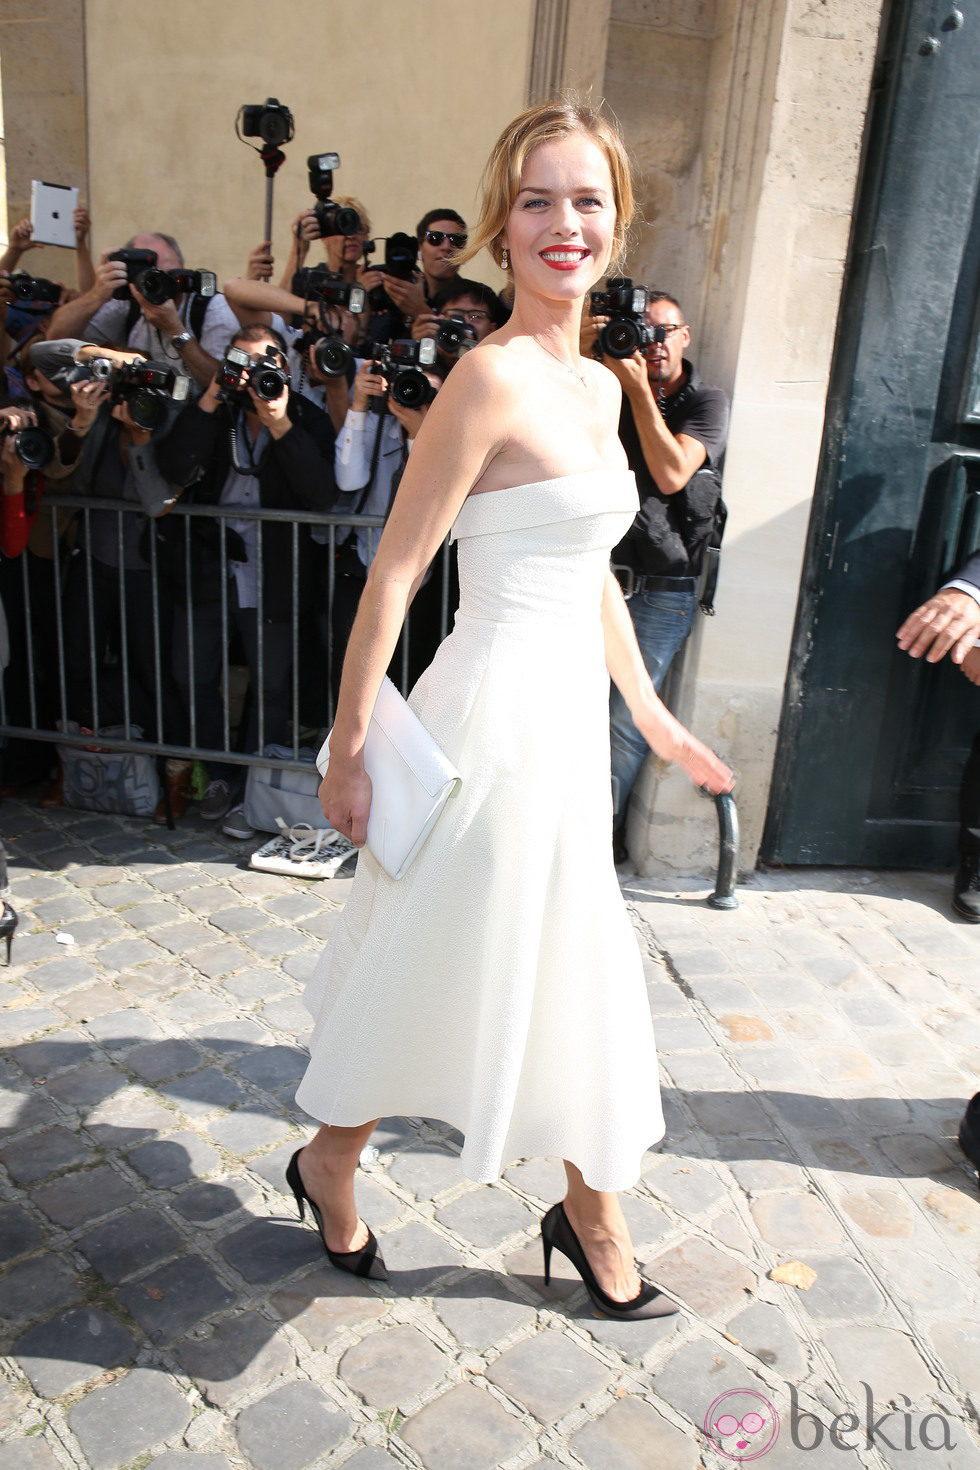 Eva Herzigová en la Semana de la Moda de París primavera/verano 2014